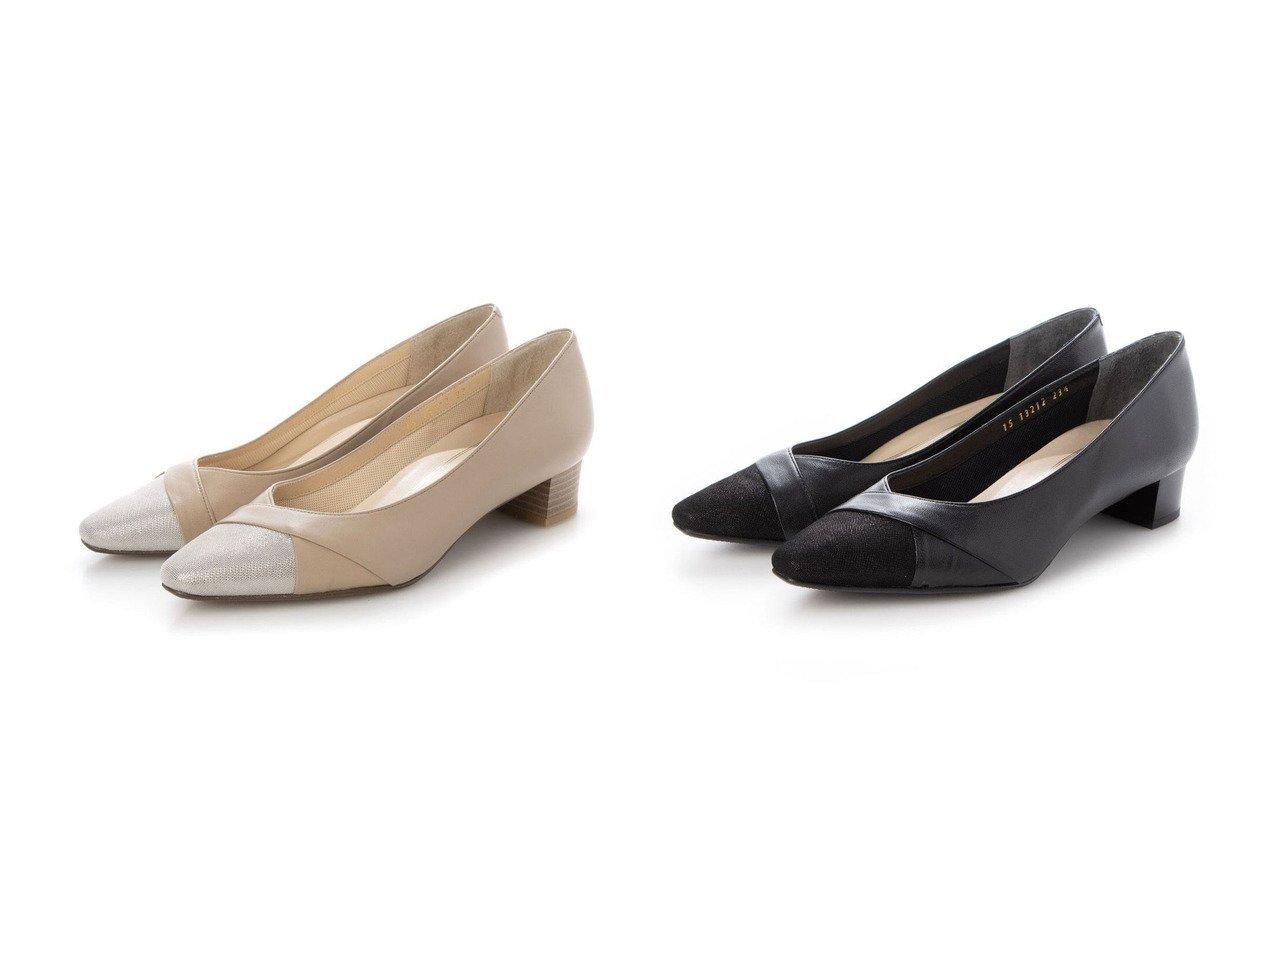 【MODE ET JACOMO/モード エ ジャコモ】の【3E】Vカットローヒールパンプス 【シューズ・靴】おすすめ!人気トレンド・レディースファッションの通販  おすすめで人気の流行・トレンド、ファッションの通販商品 メンズファッション・キッズファッション・インテリア・家具・レディースファッション・服の通販 founy(ファニー) https://founy.com/ ファッション Fashion レディースファッション WOMEN 送料無料 Free Shipping シューズ スエード 再入荷 Restock/Back in Stock/Re Arrival 日本製 Made in Japan |ID:crp329100000029615